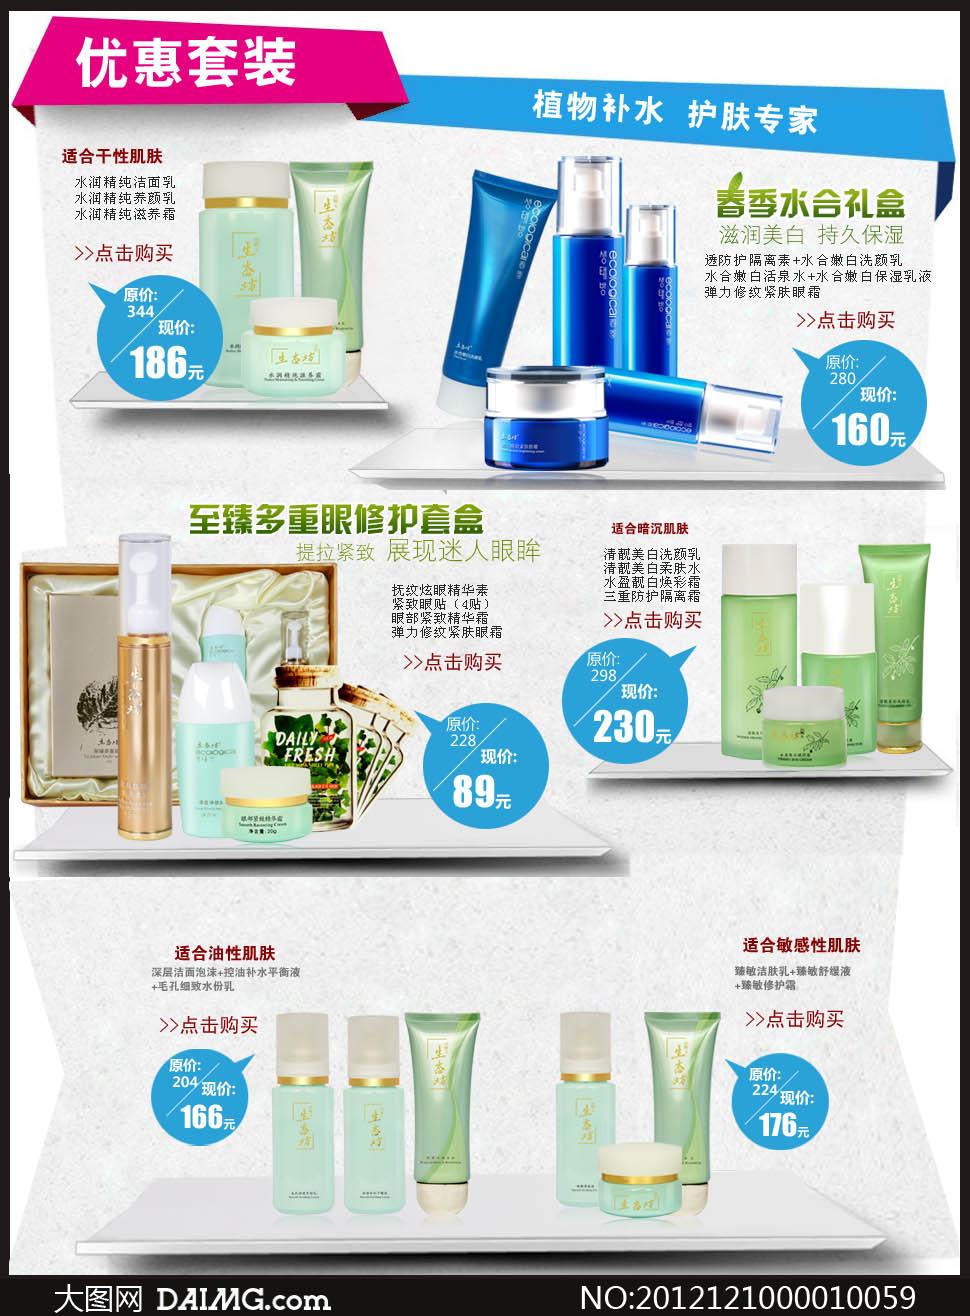 淘宝化妆品产品介绍模板psd素材 - 大图网设计